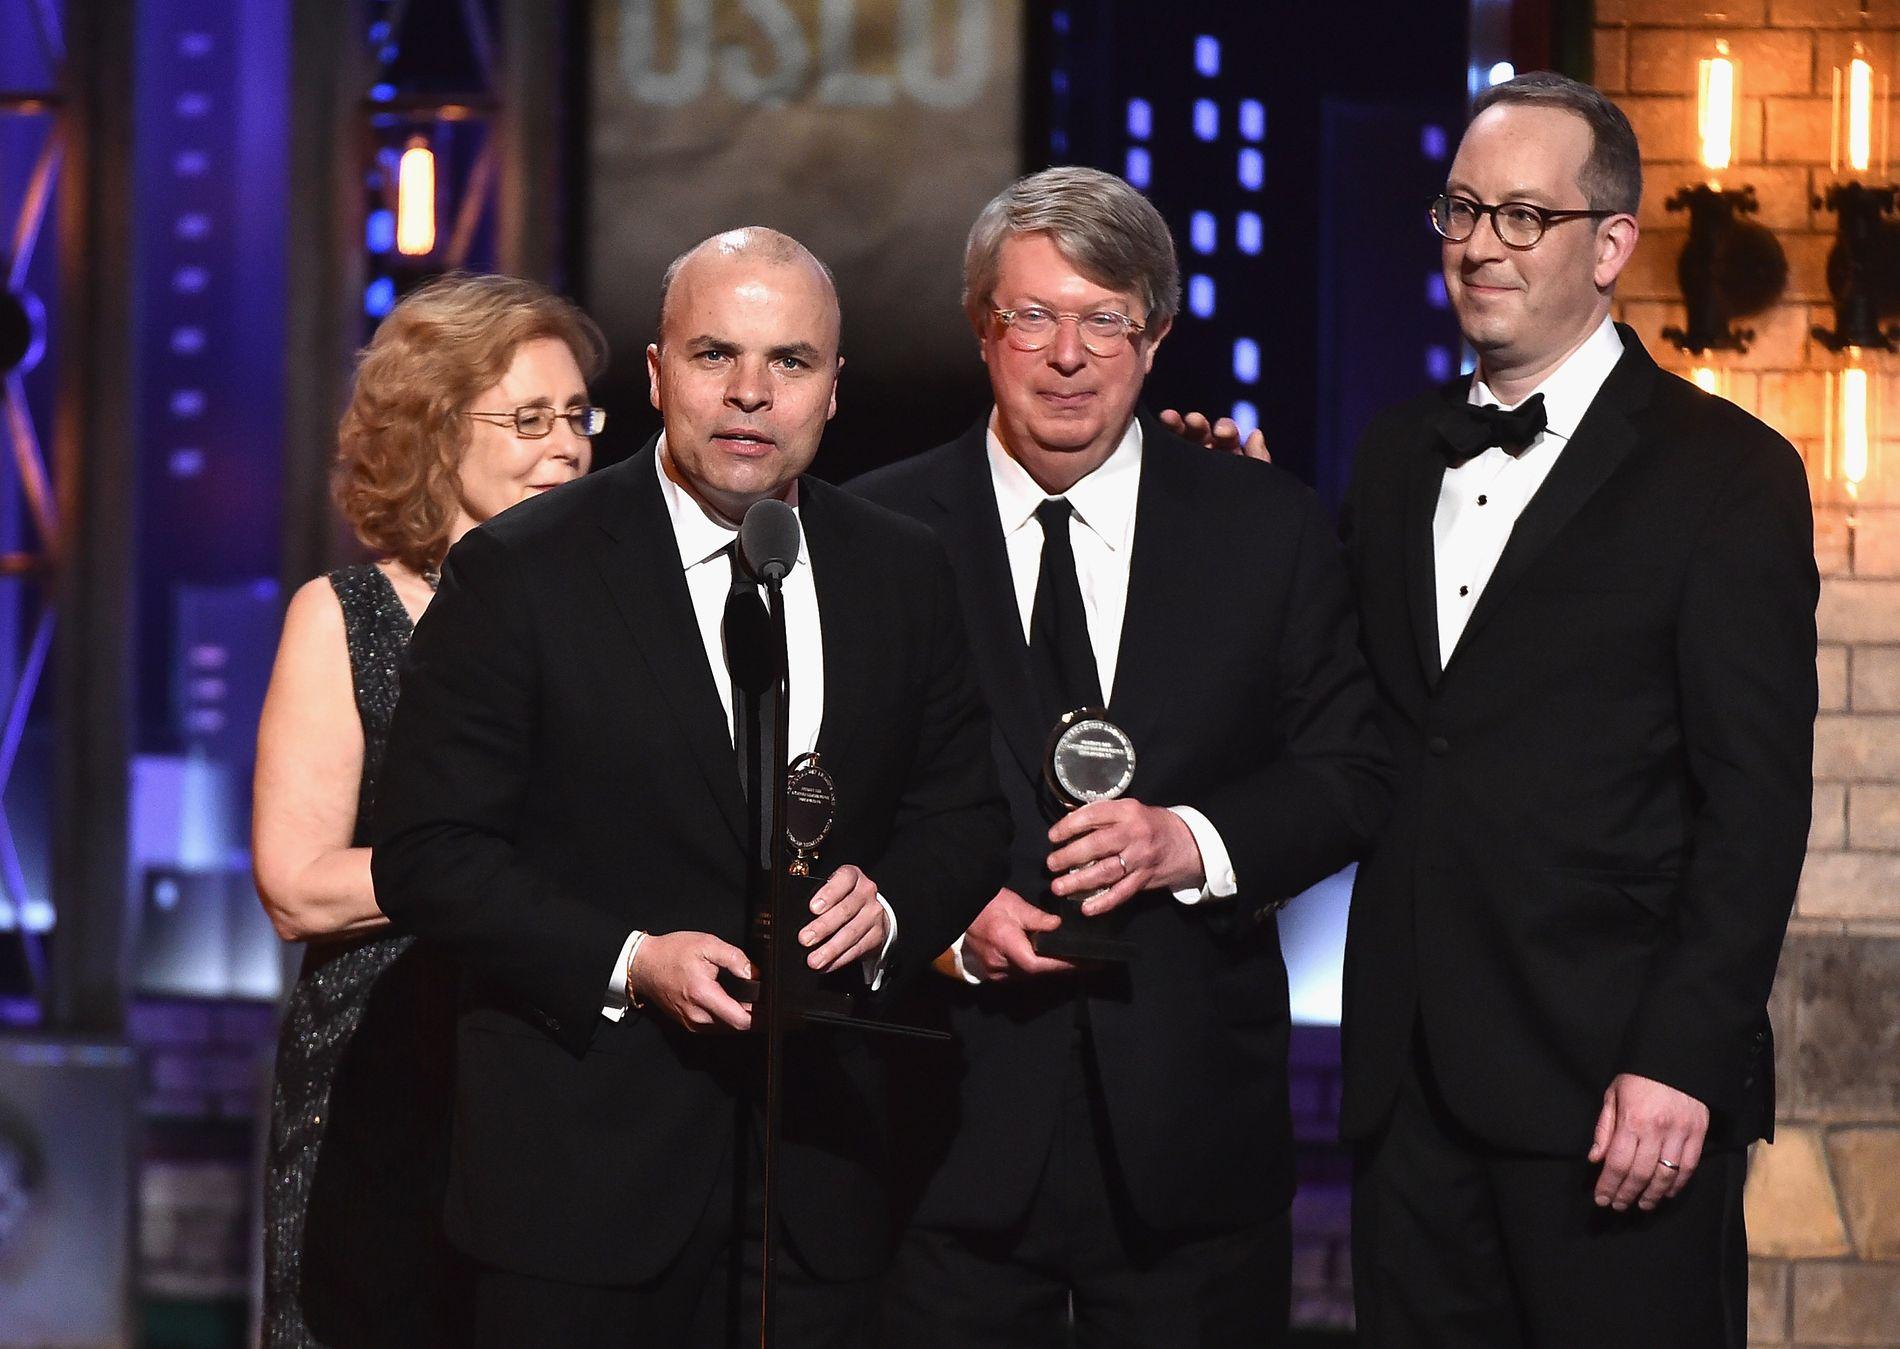 JUBELKVELD: Natt til mandag norsk tid ble Tony-prisene delt ut for 71. gang i New York. Her mottar J.T. Rogers prisen for årets teaterstykke.